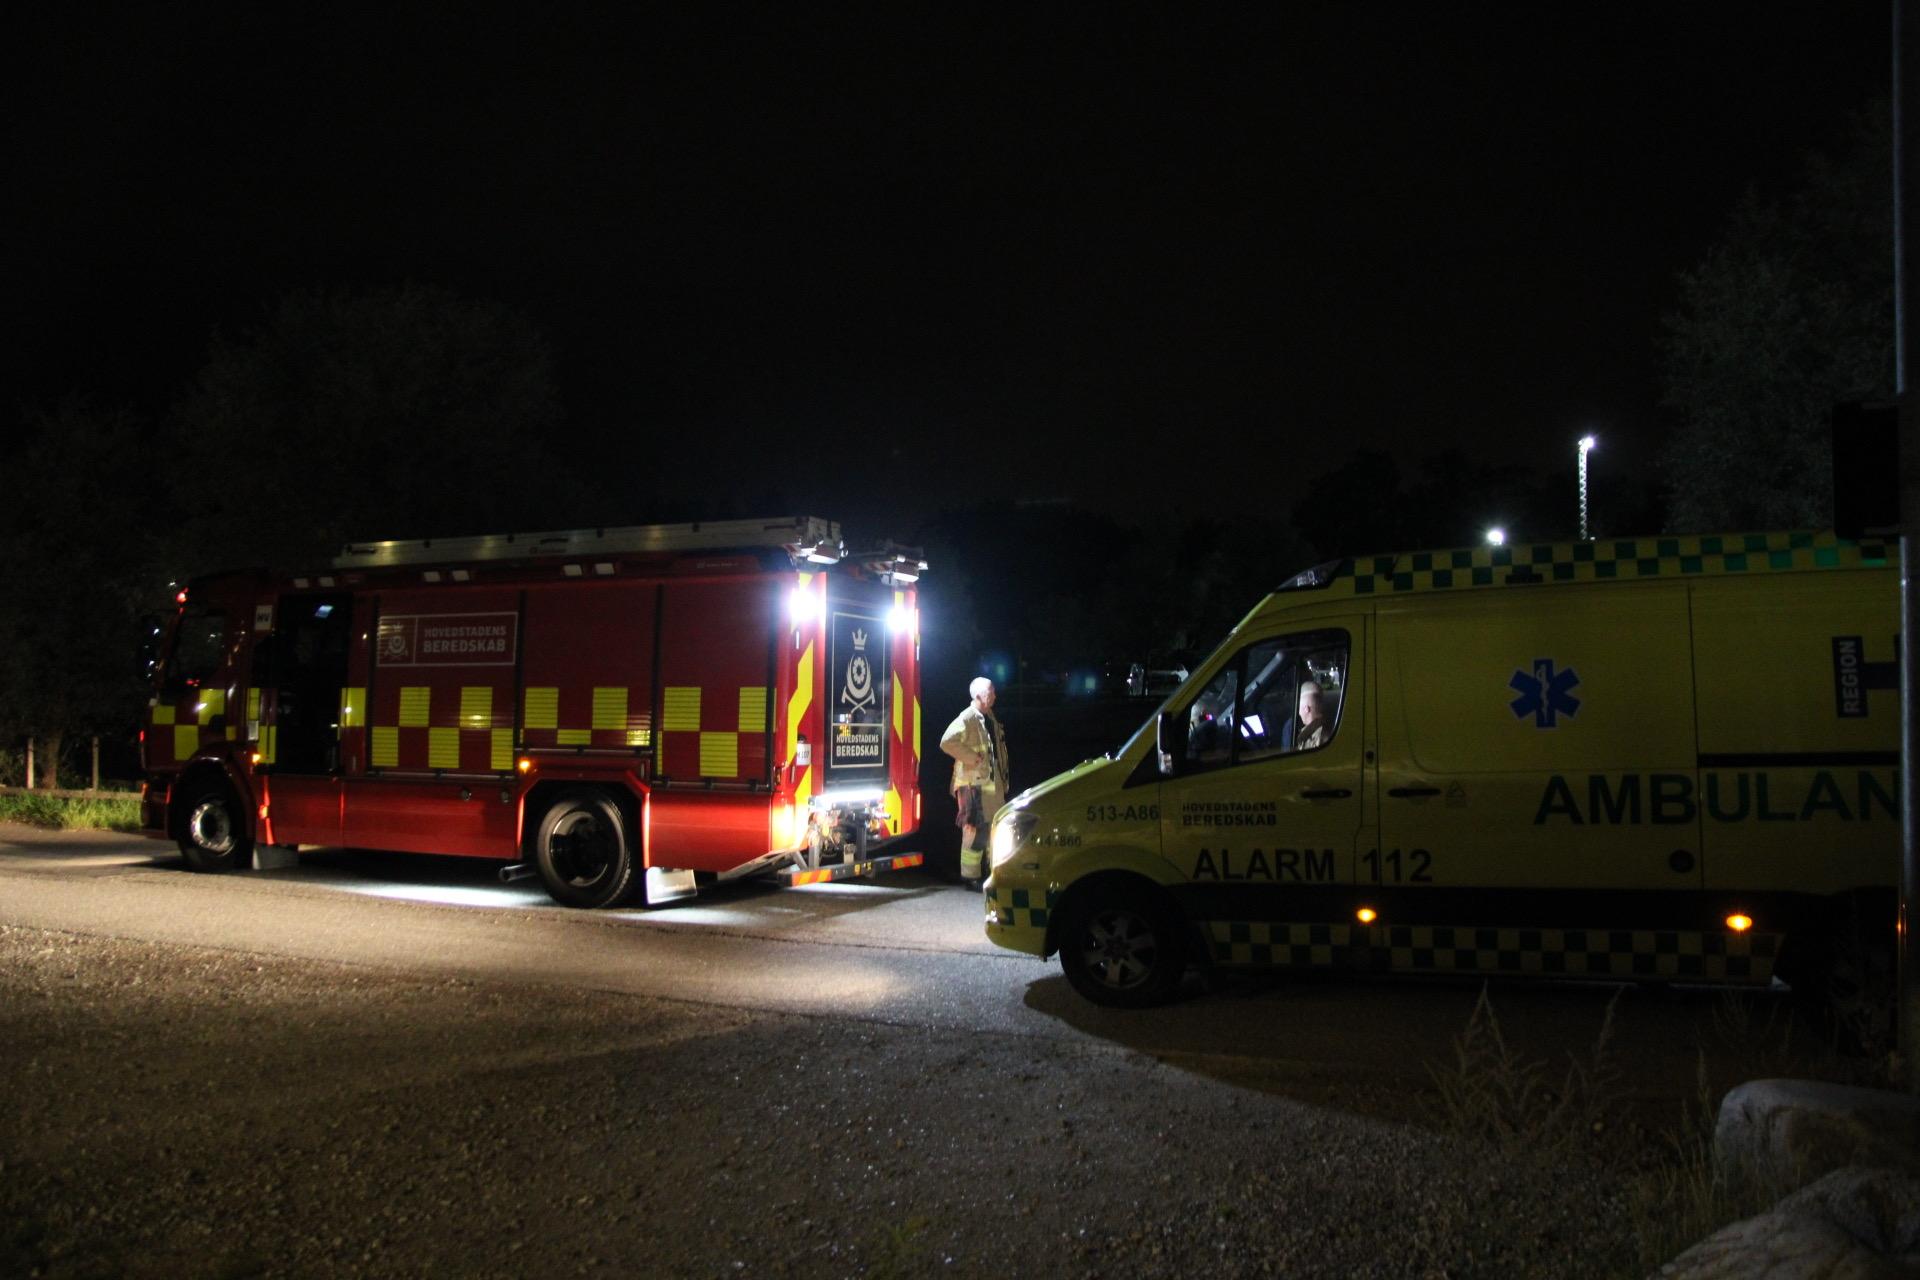 Ambulance påkørt af påvirket bilist - Én anholdt